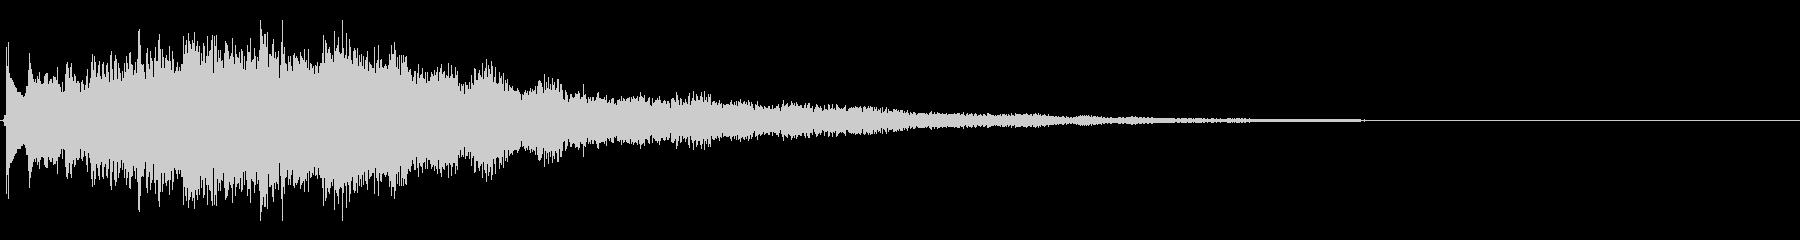 KANTベルアイキャッチ2009176の未再生の波形